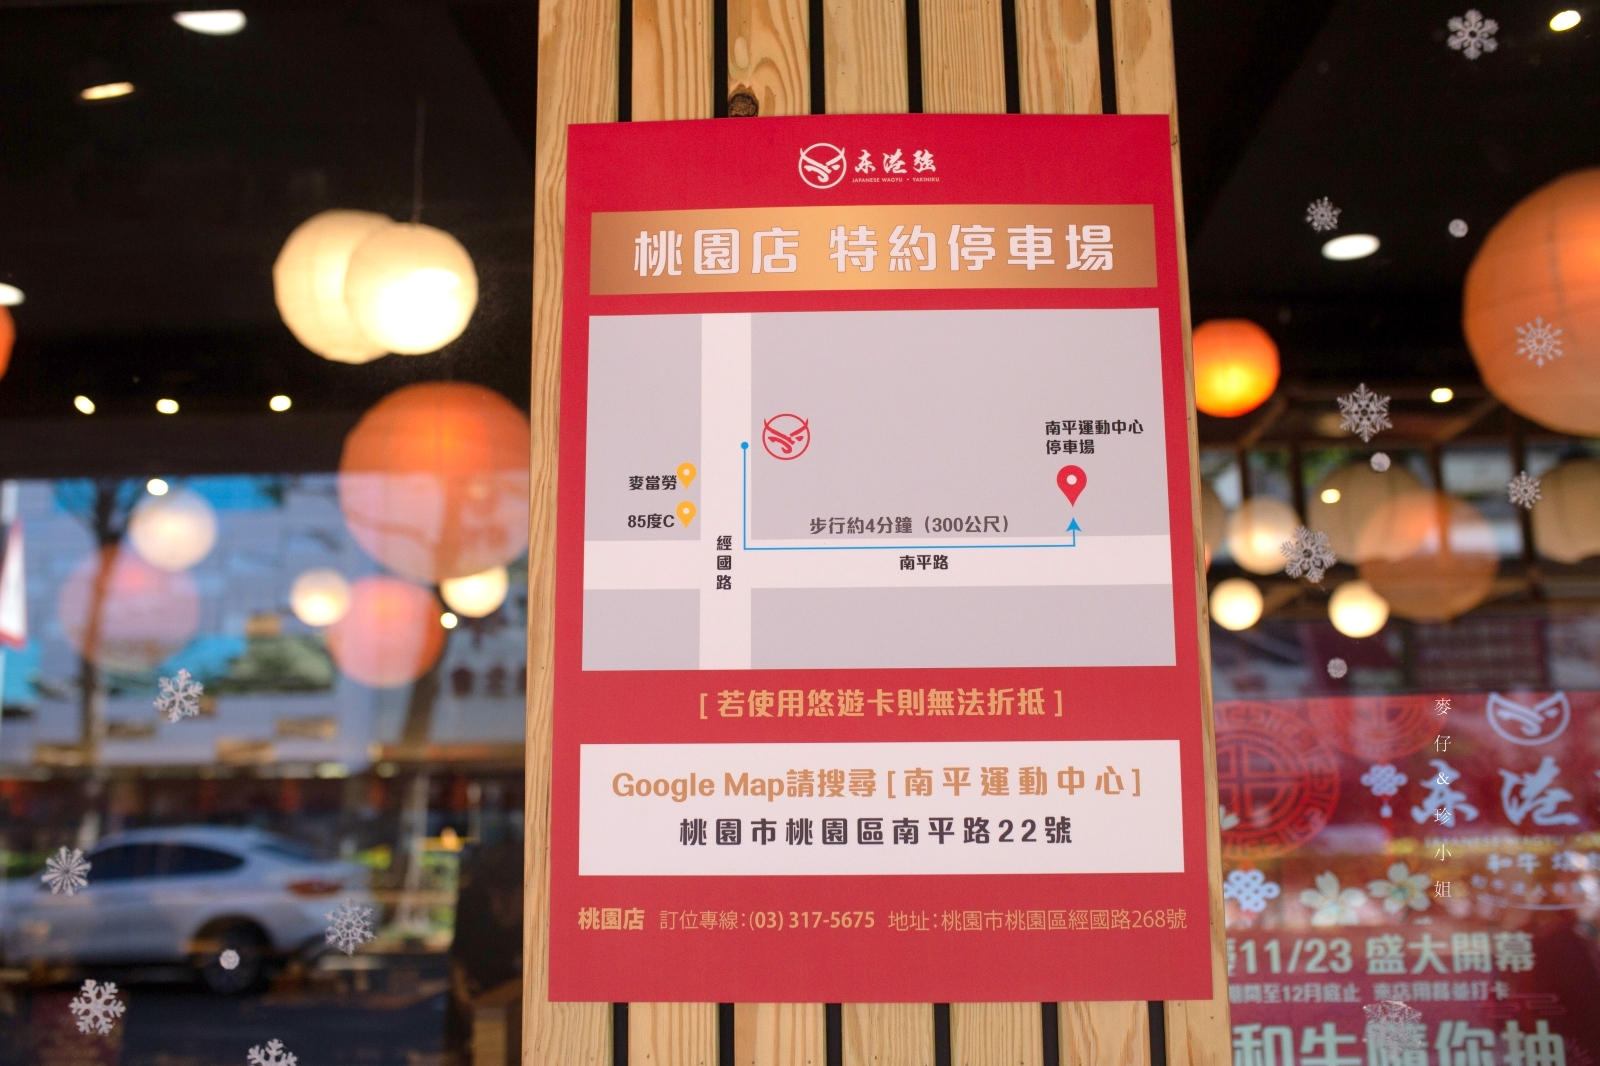 桃園美食。東港強桃園藝文店~桃園燒肉餐廳推薦、親子友善餐廳|精緻和牛定食料理單人獨享很可以,全新推出海陸雙拼鍋物燒烤同時滿足。